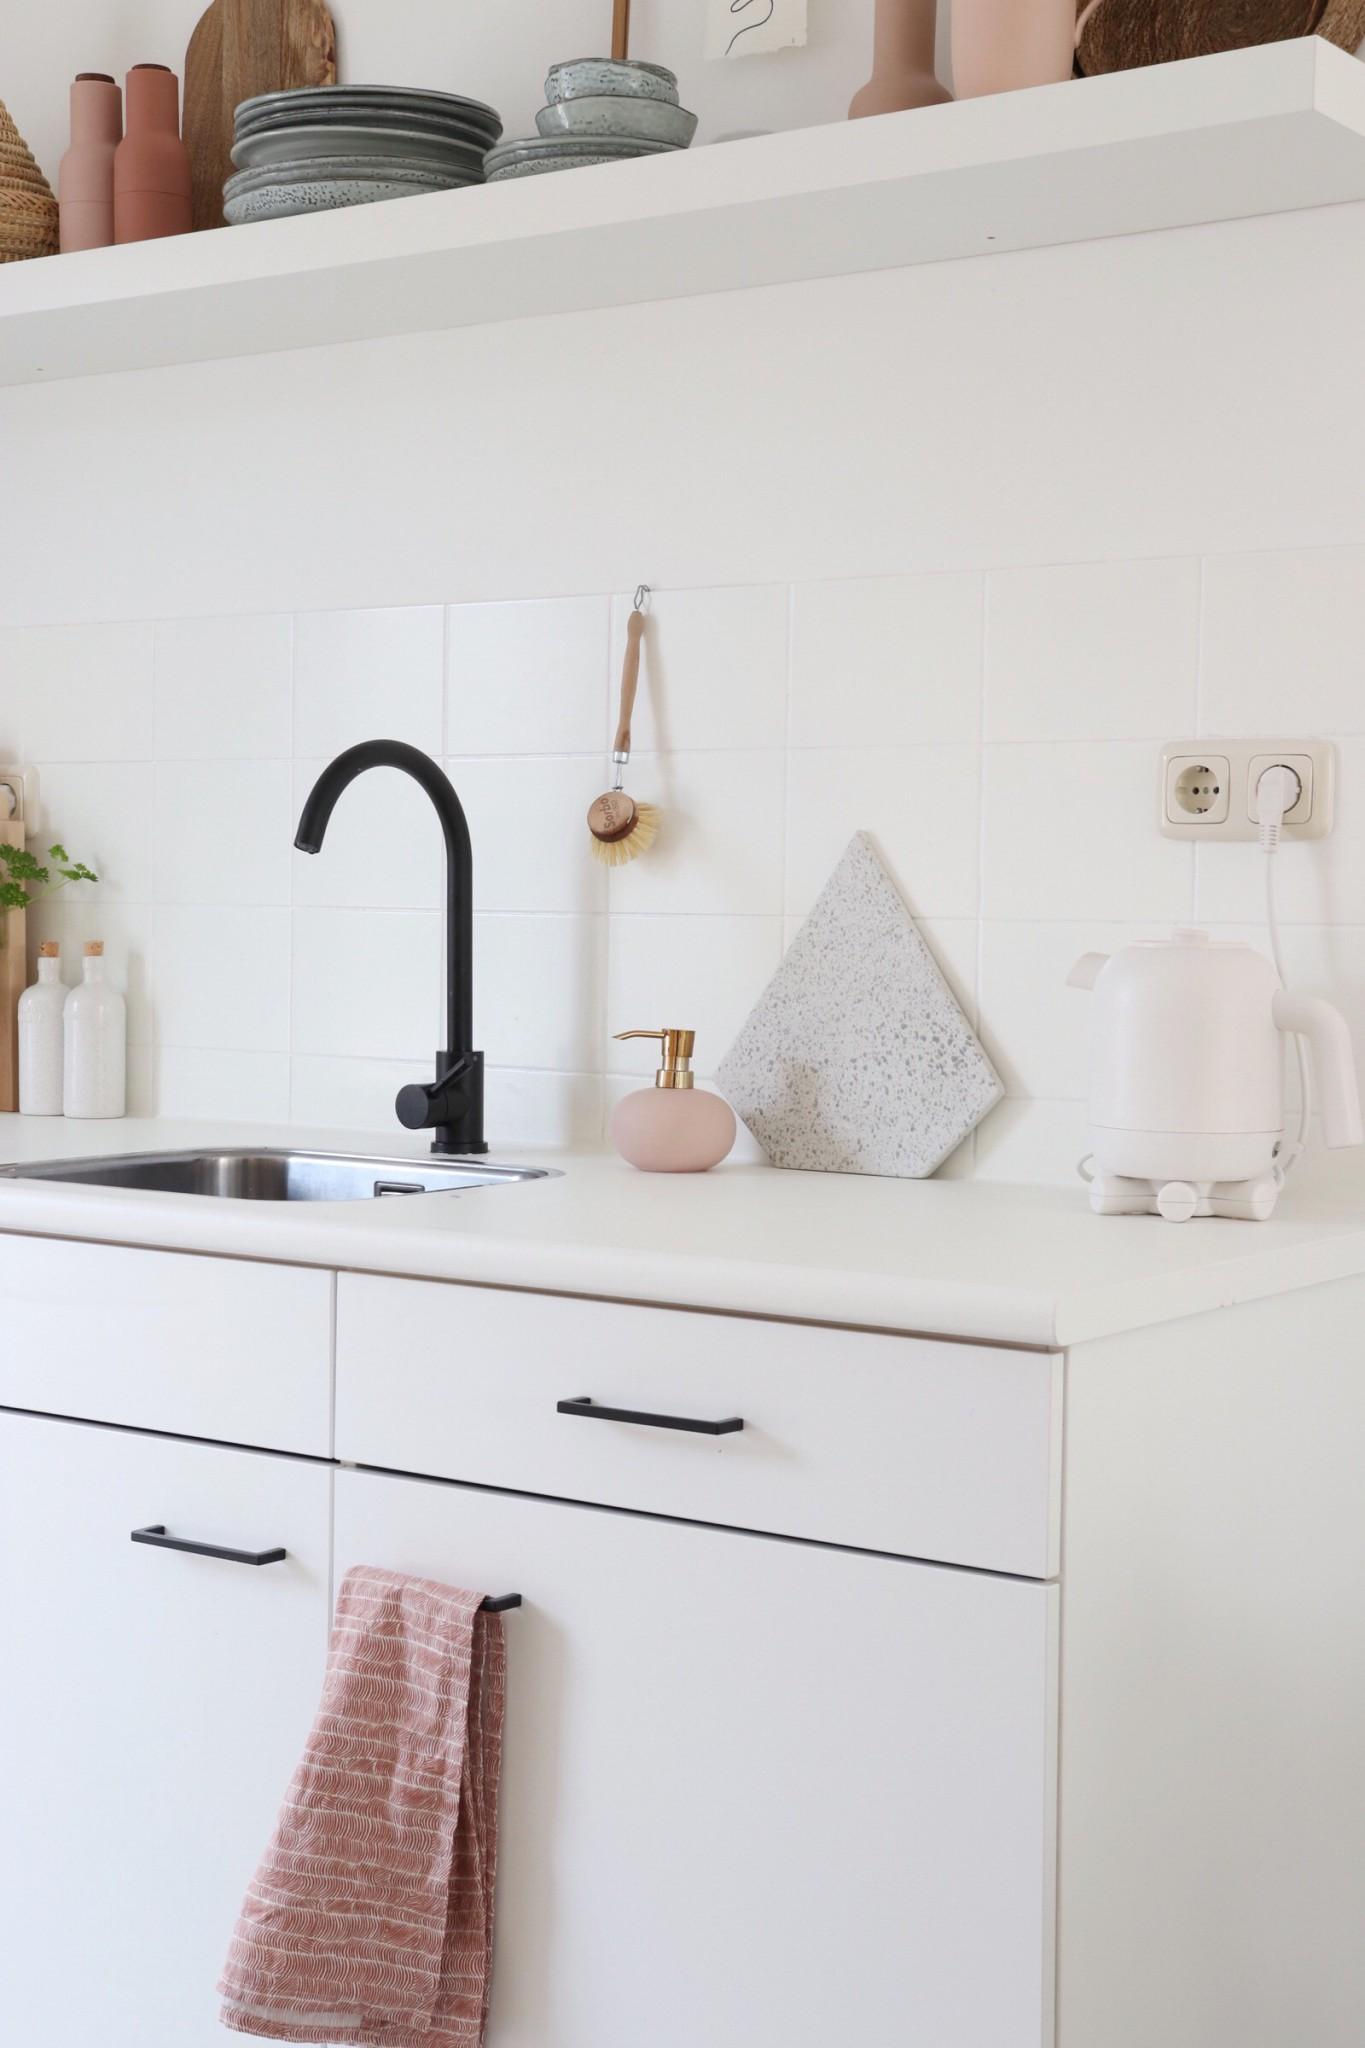 Witte keuken met roze en zwarte accenten na de keuken make-over